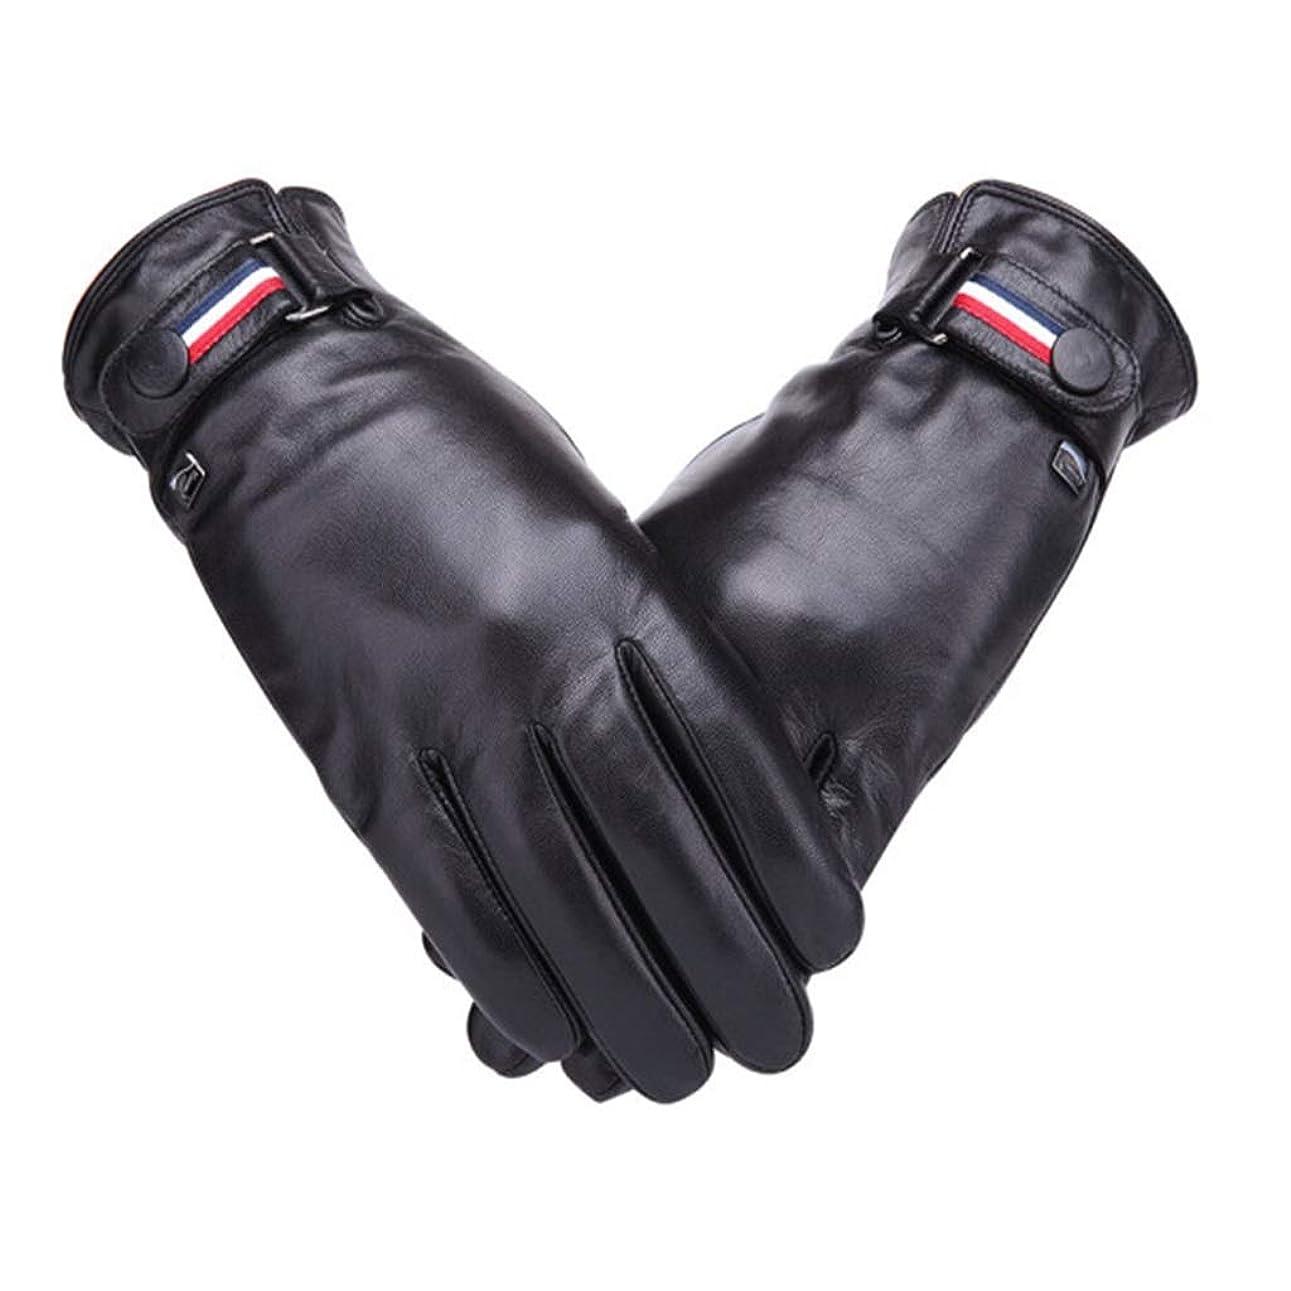 ティッシュ民族主義キャプション羊皮の手袋の男性秋と冬のサイクリングwindproof暖かいプラスベルベットの肥厚の男性の手袋